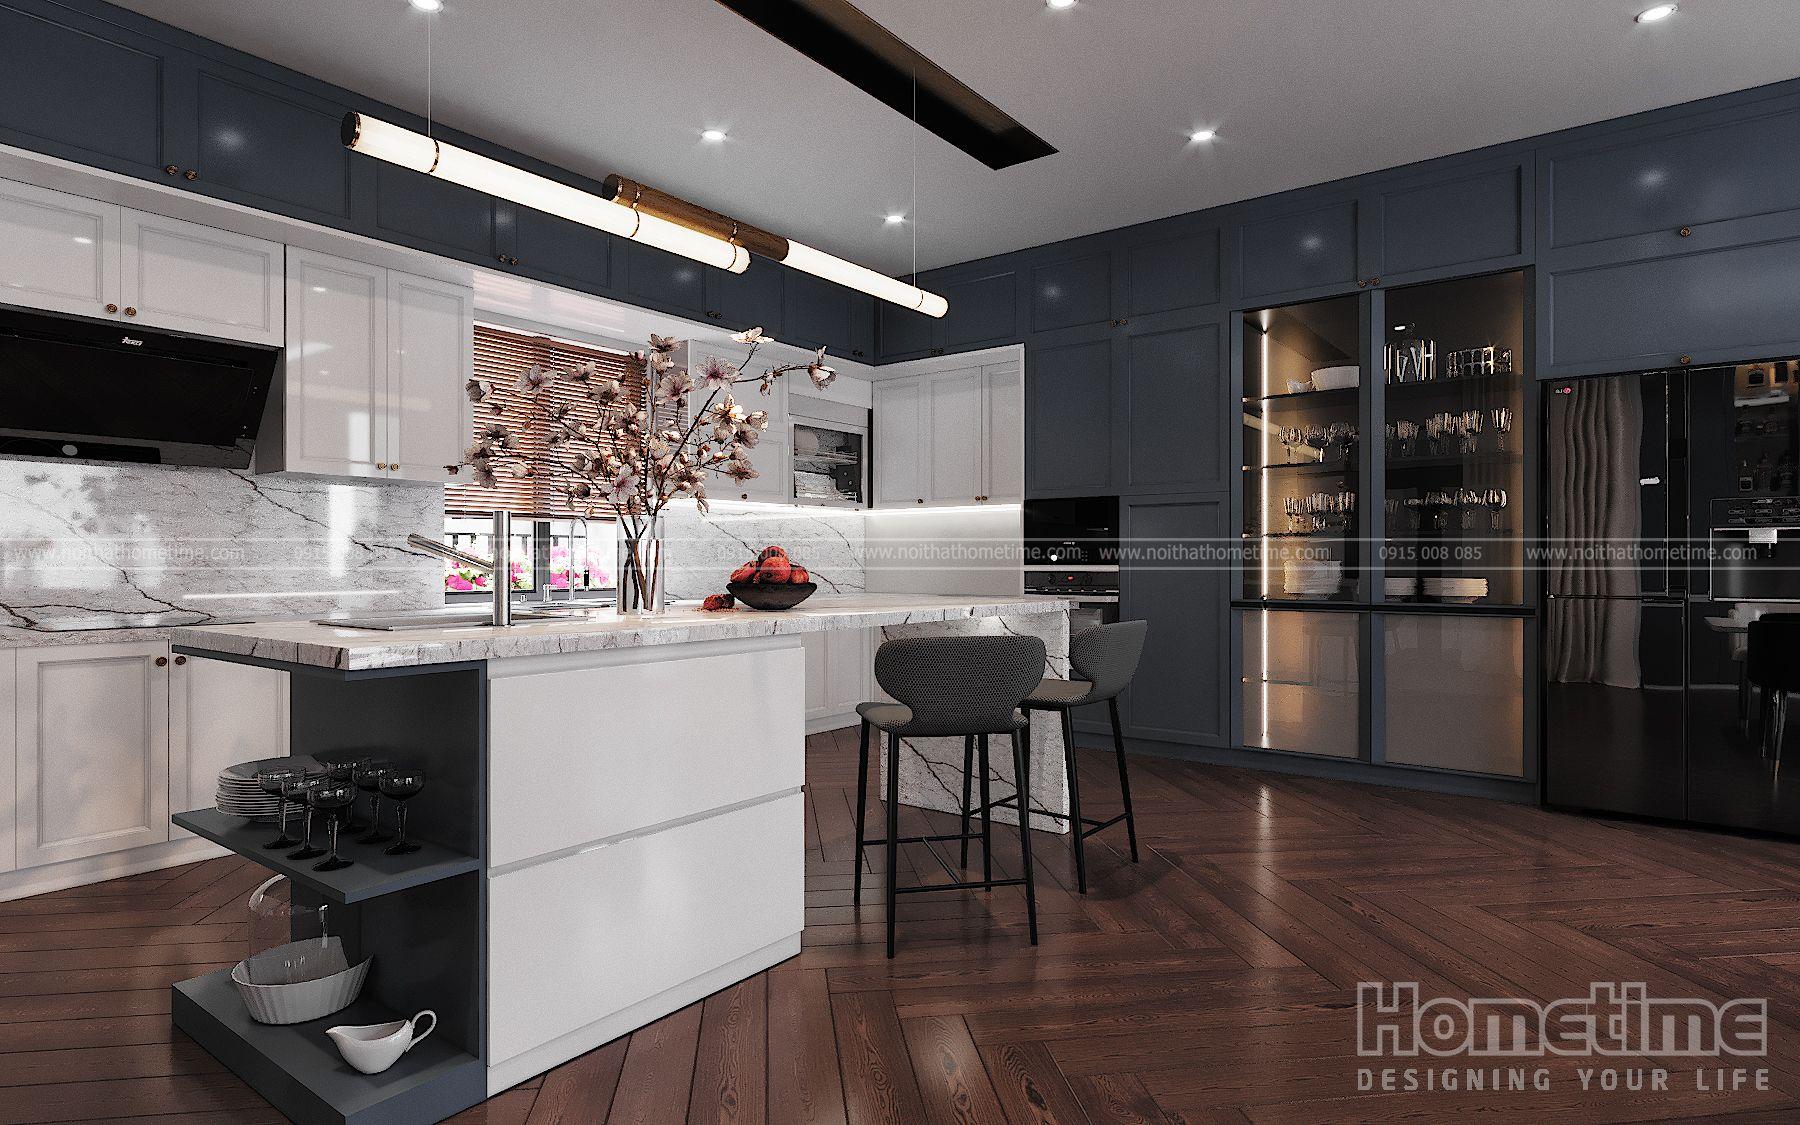 Thiết kế nội thất phòng bếp hiện đại nhà chị Hạnh